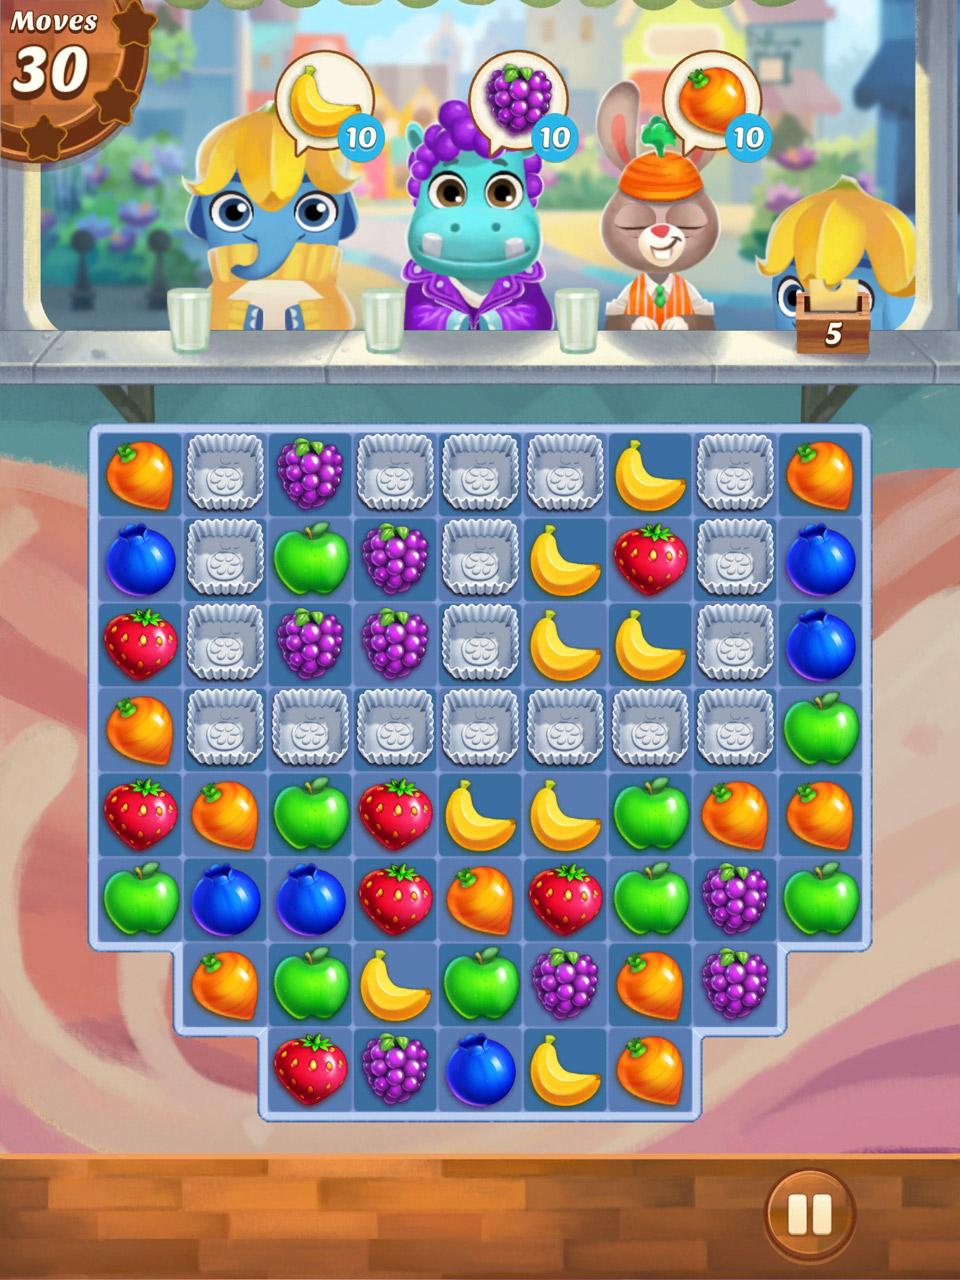 Fruit jam game -  Juice Jam Screenshot 5